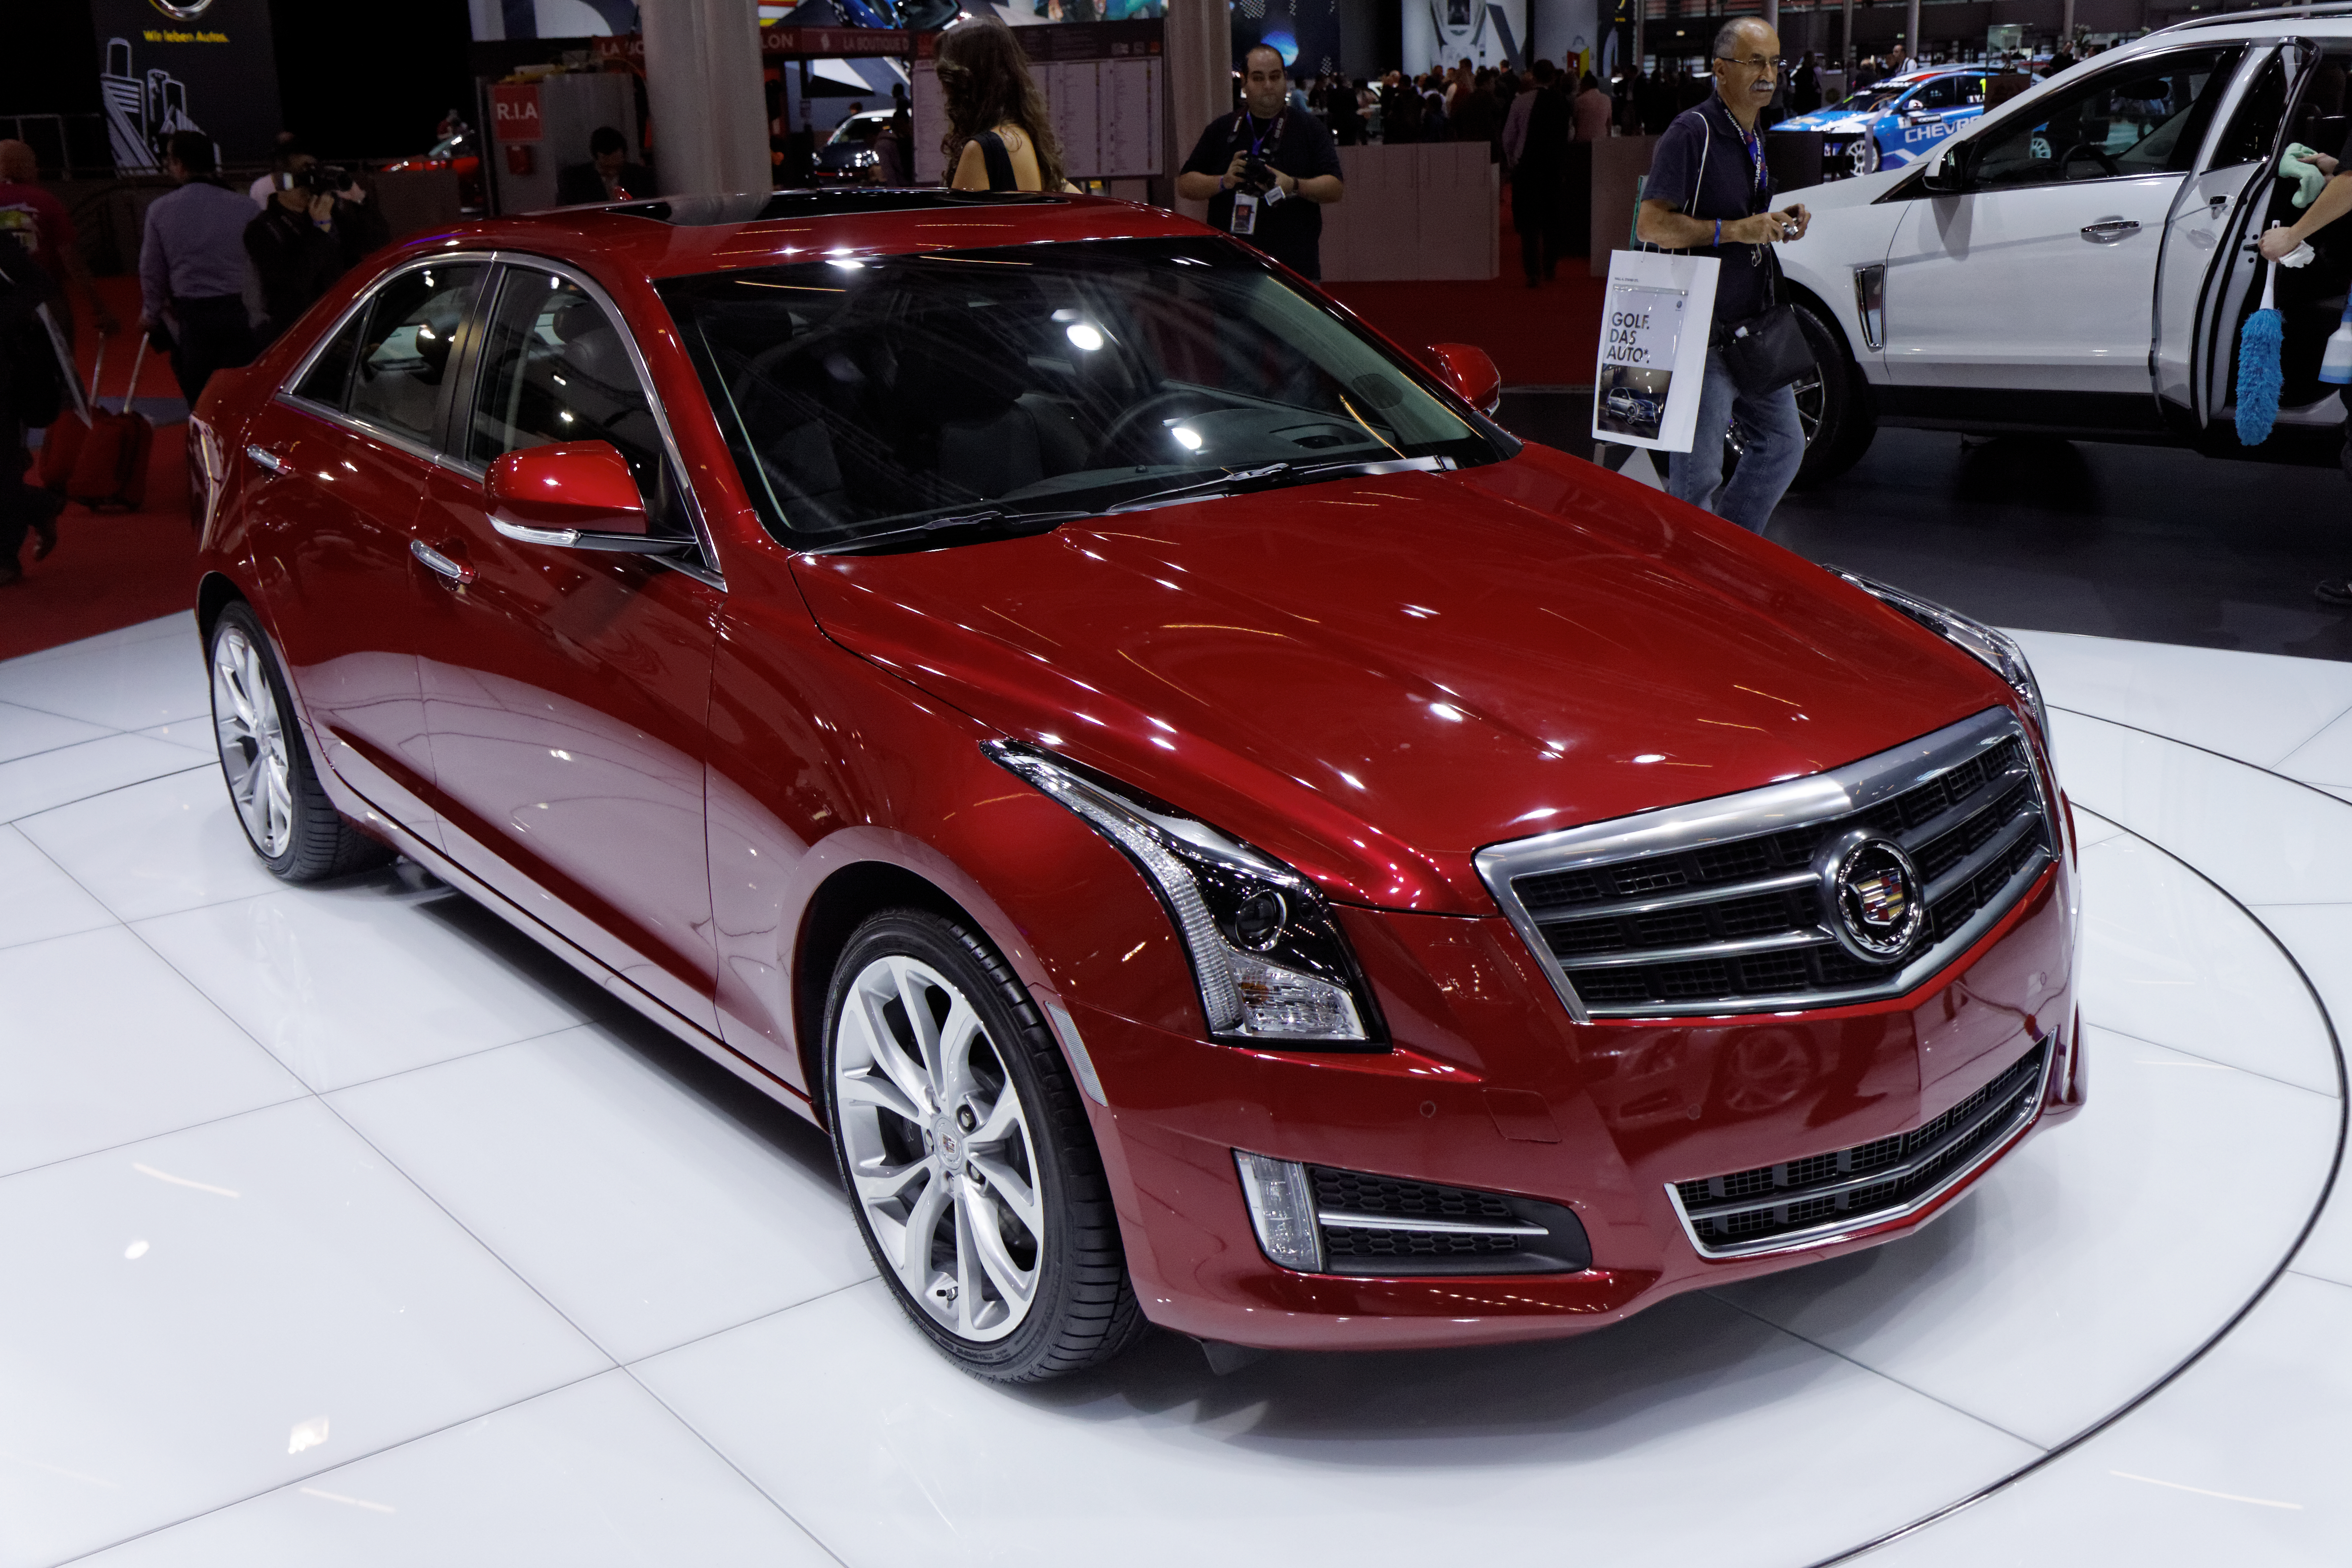 File:Cadillac ATS - Mondial de l'Automobile de Paris 2012 - 001.jpg